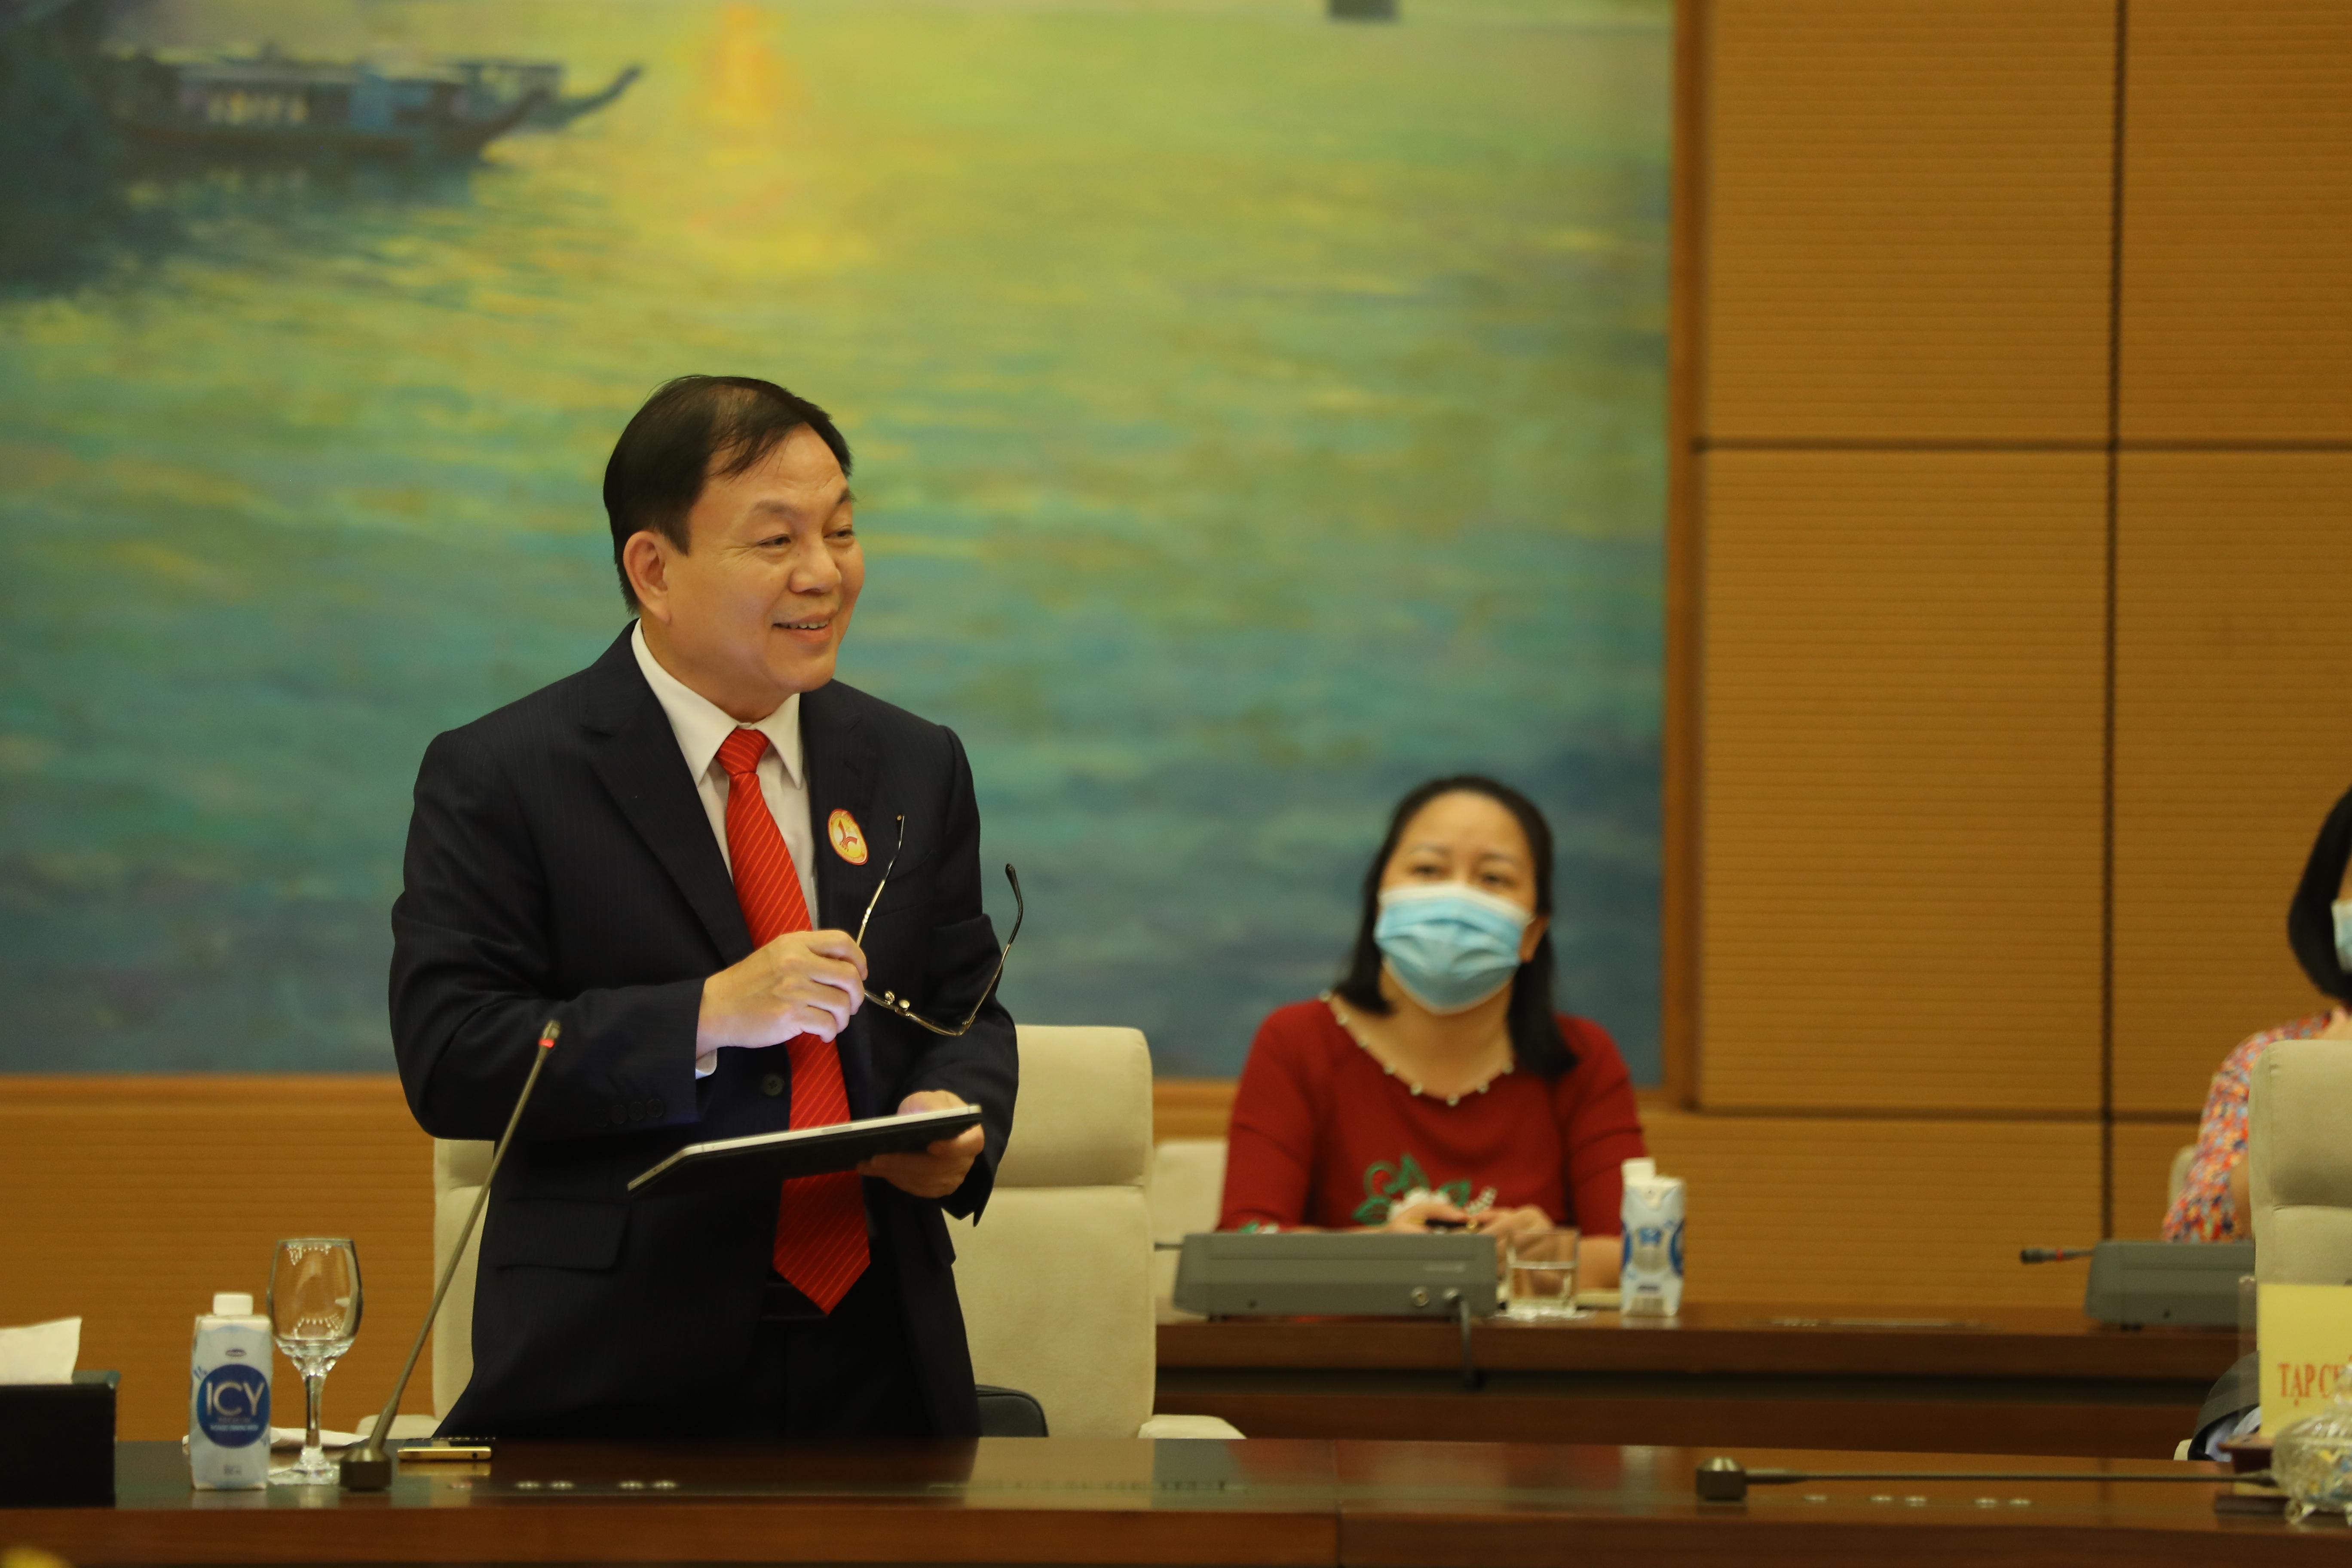 Ông Lê Đăng Dũng, Tổng giám đốc Tập đoàn Viễn thông quân đội Viettel phát biểu tại buổi họp mặt - Ảnh: Giang Nam.